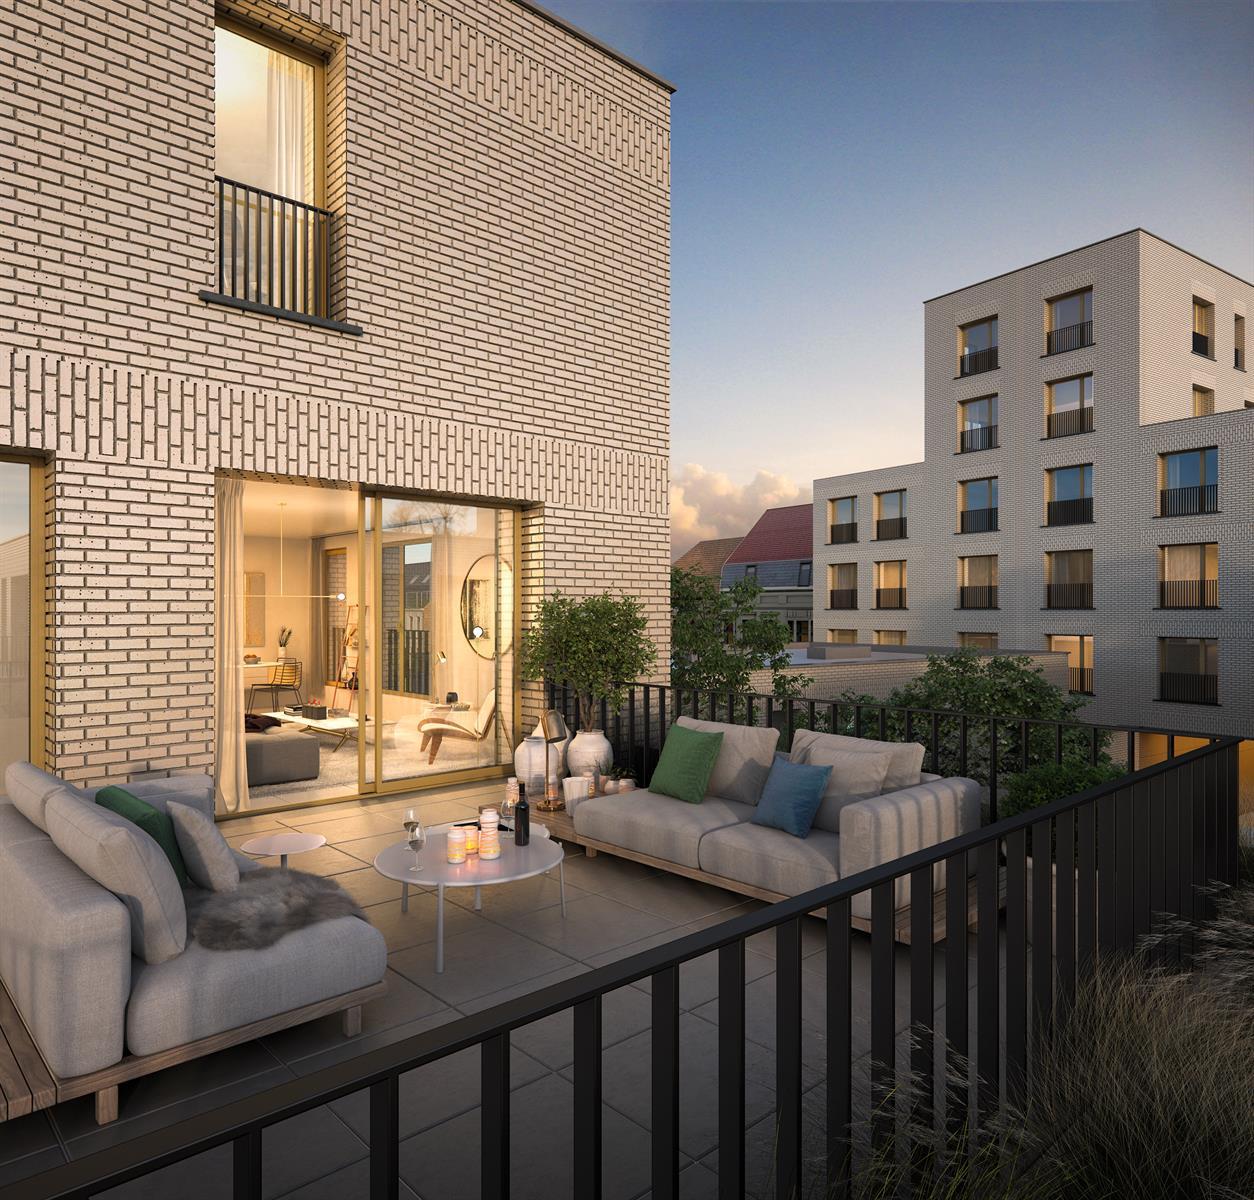 Te koop, Appartement, Deinze, AP 5.1 - Pakhuis - Penthouse